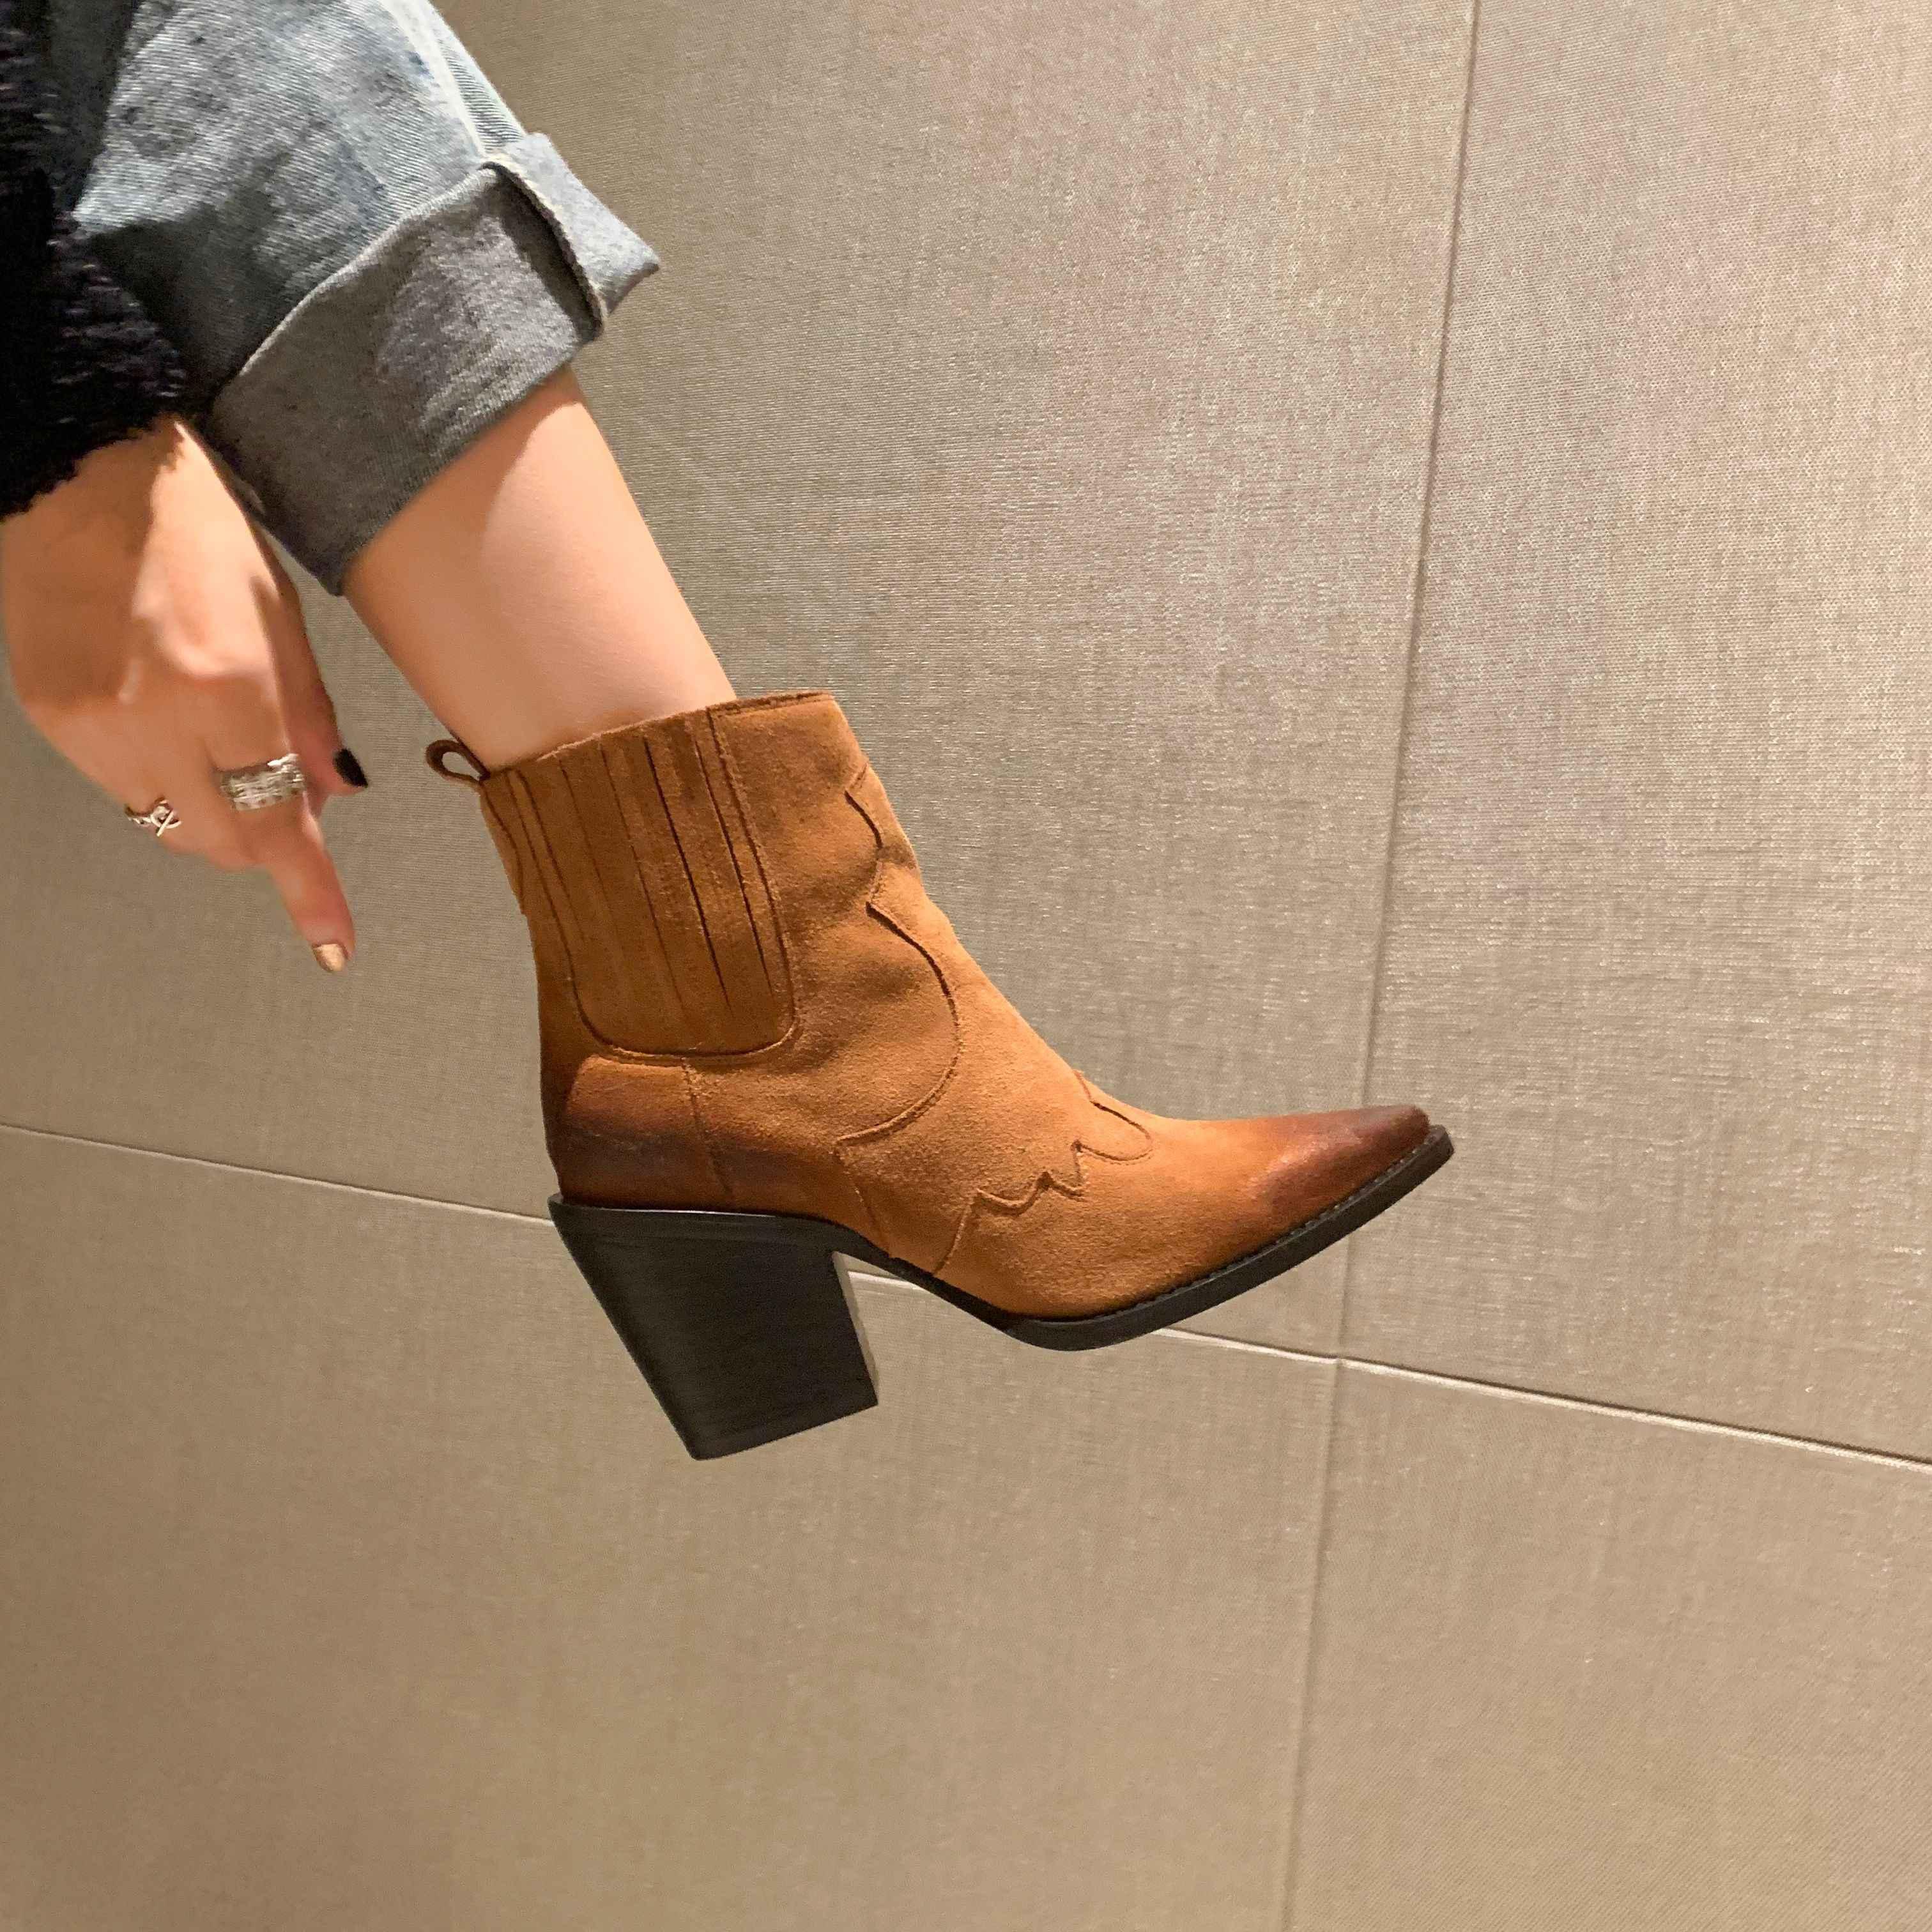 Lederen Laarzen Vrouwen Echt Puntschoen Mid Hak Enkellaarsjes Dikke Vierkante Hak Slip Op Westerse Laarzen Cowboy Laarzen Vrouwen 2019 Nieuwe